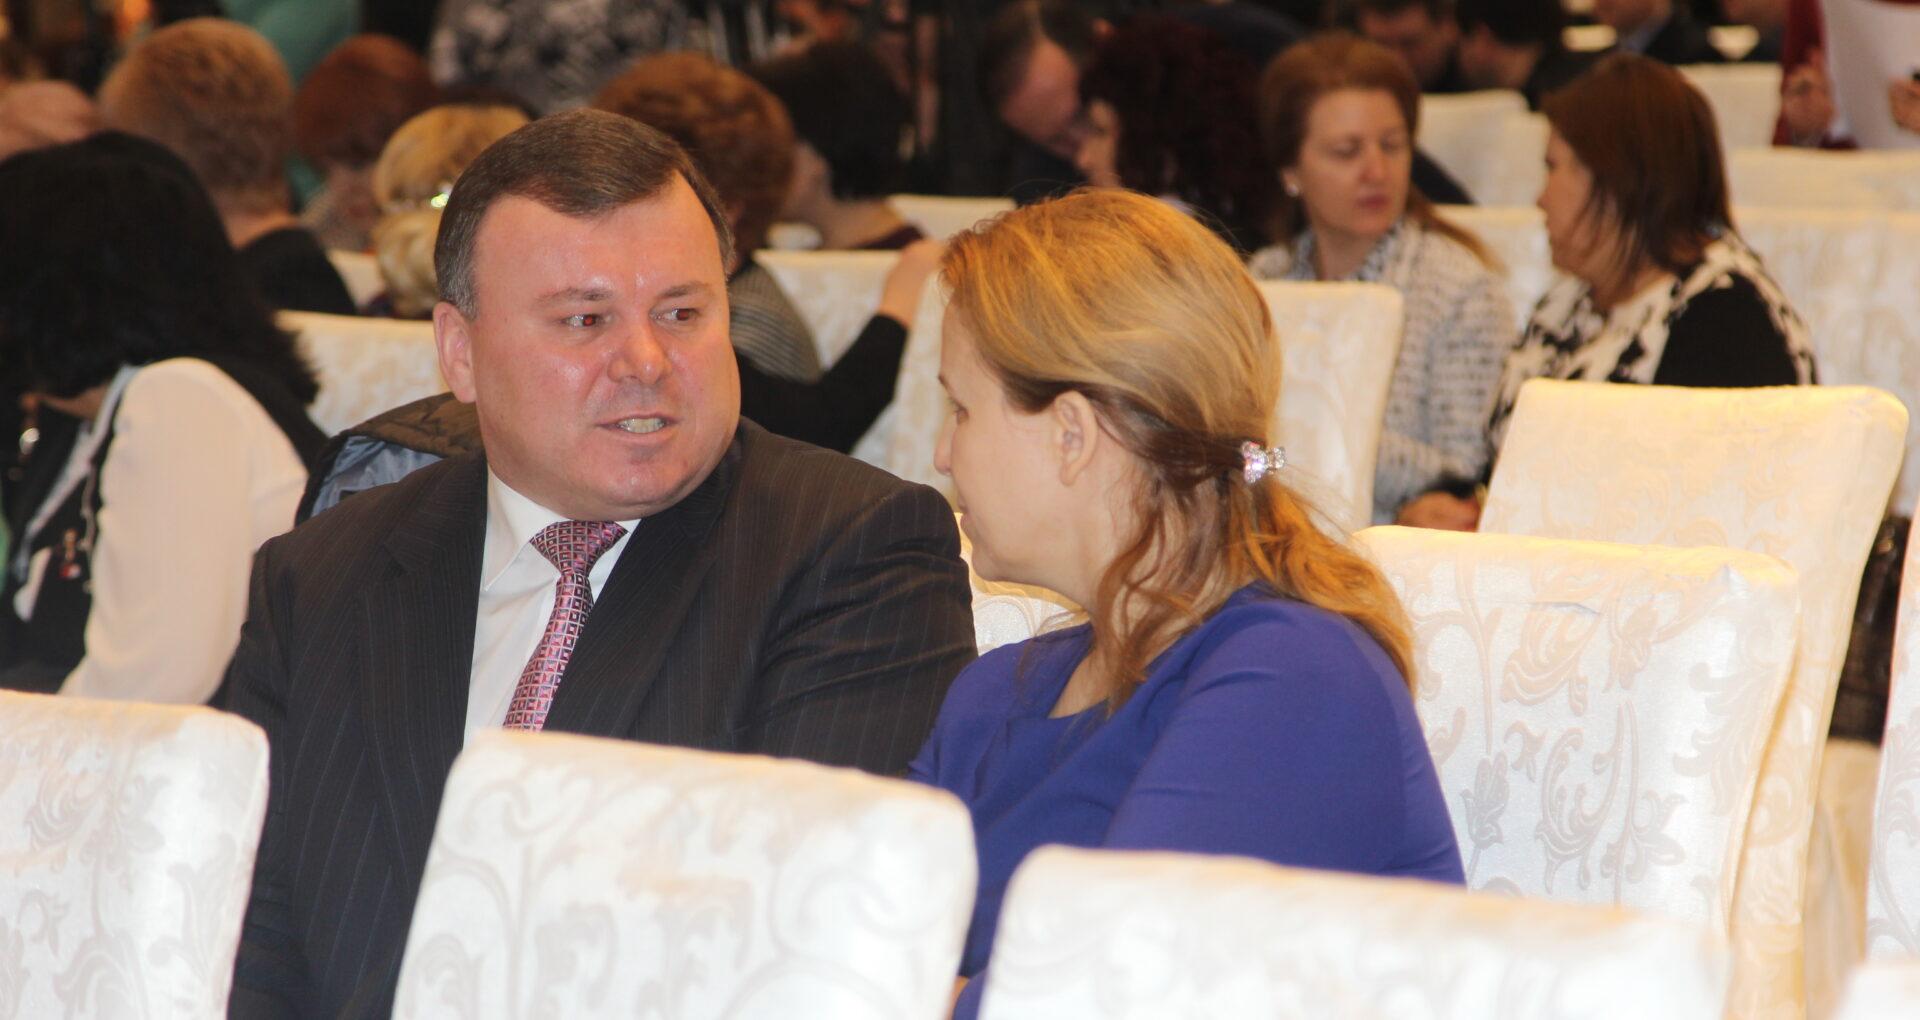 De ce a fost demis Gheorghe Balan, magistratul care în ultimii ani a criticat dur sistemul judecătoresc